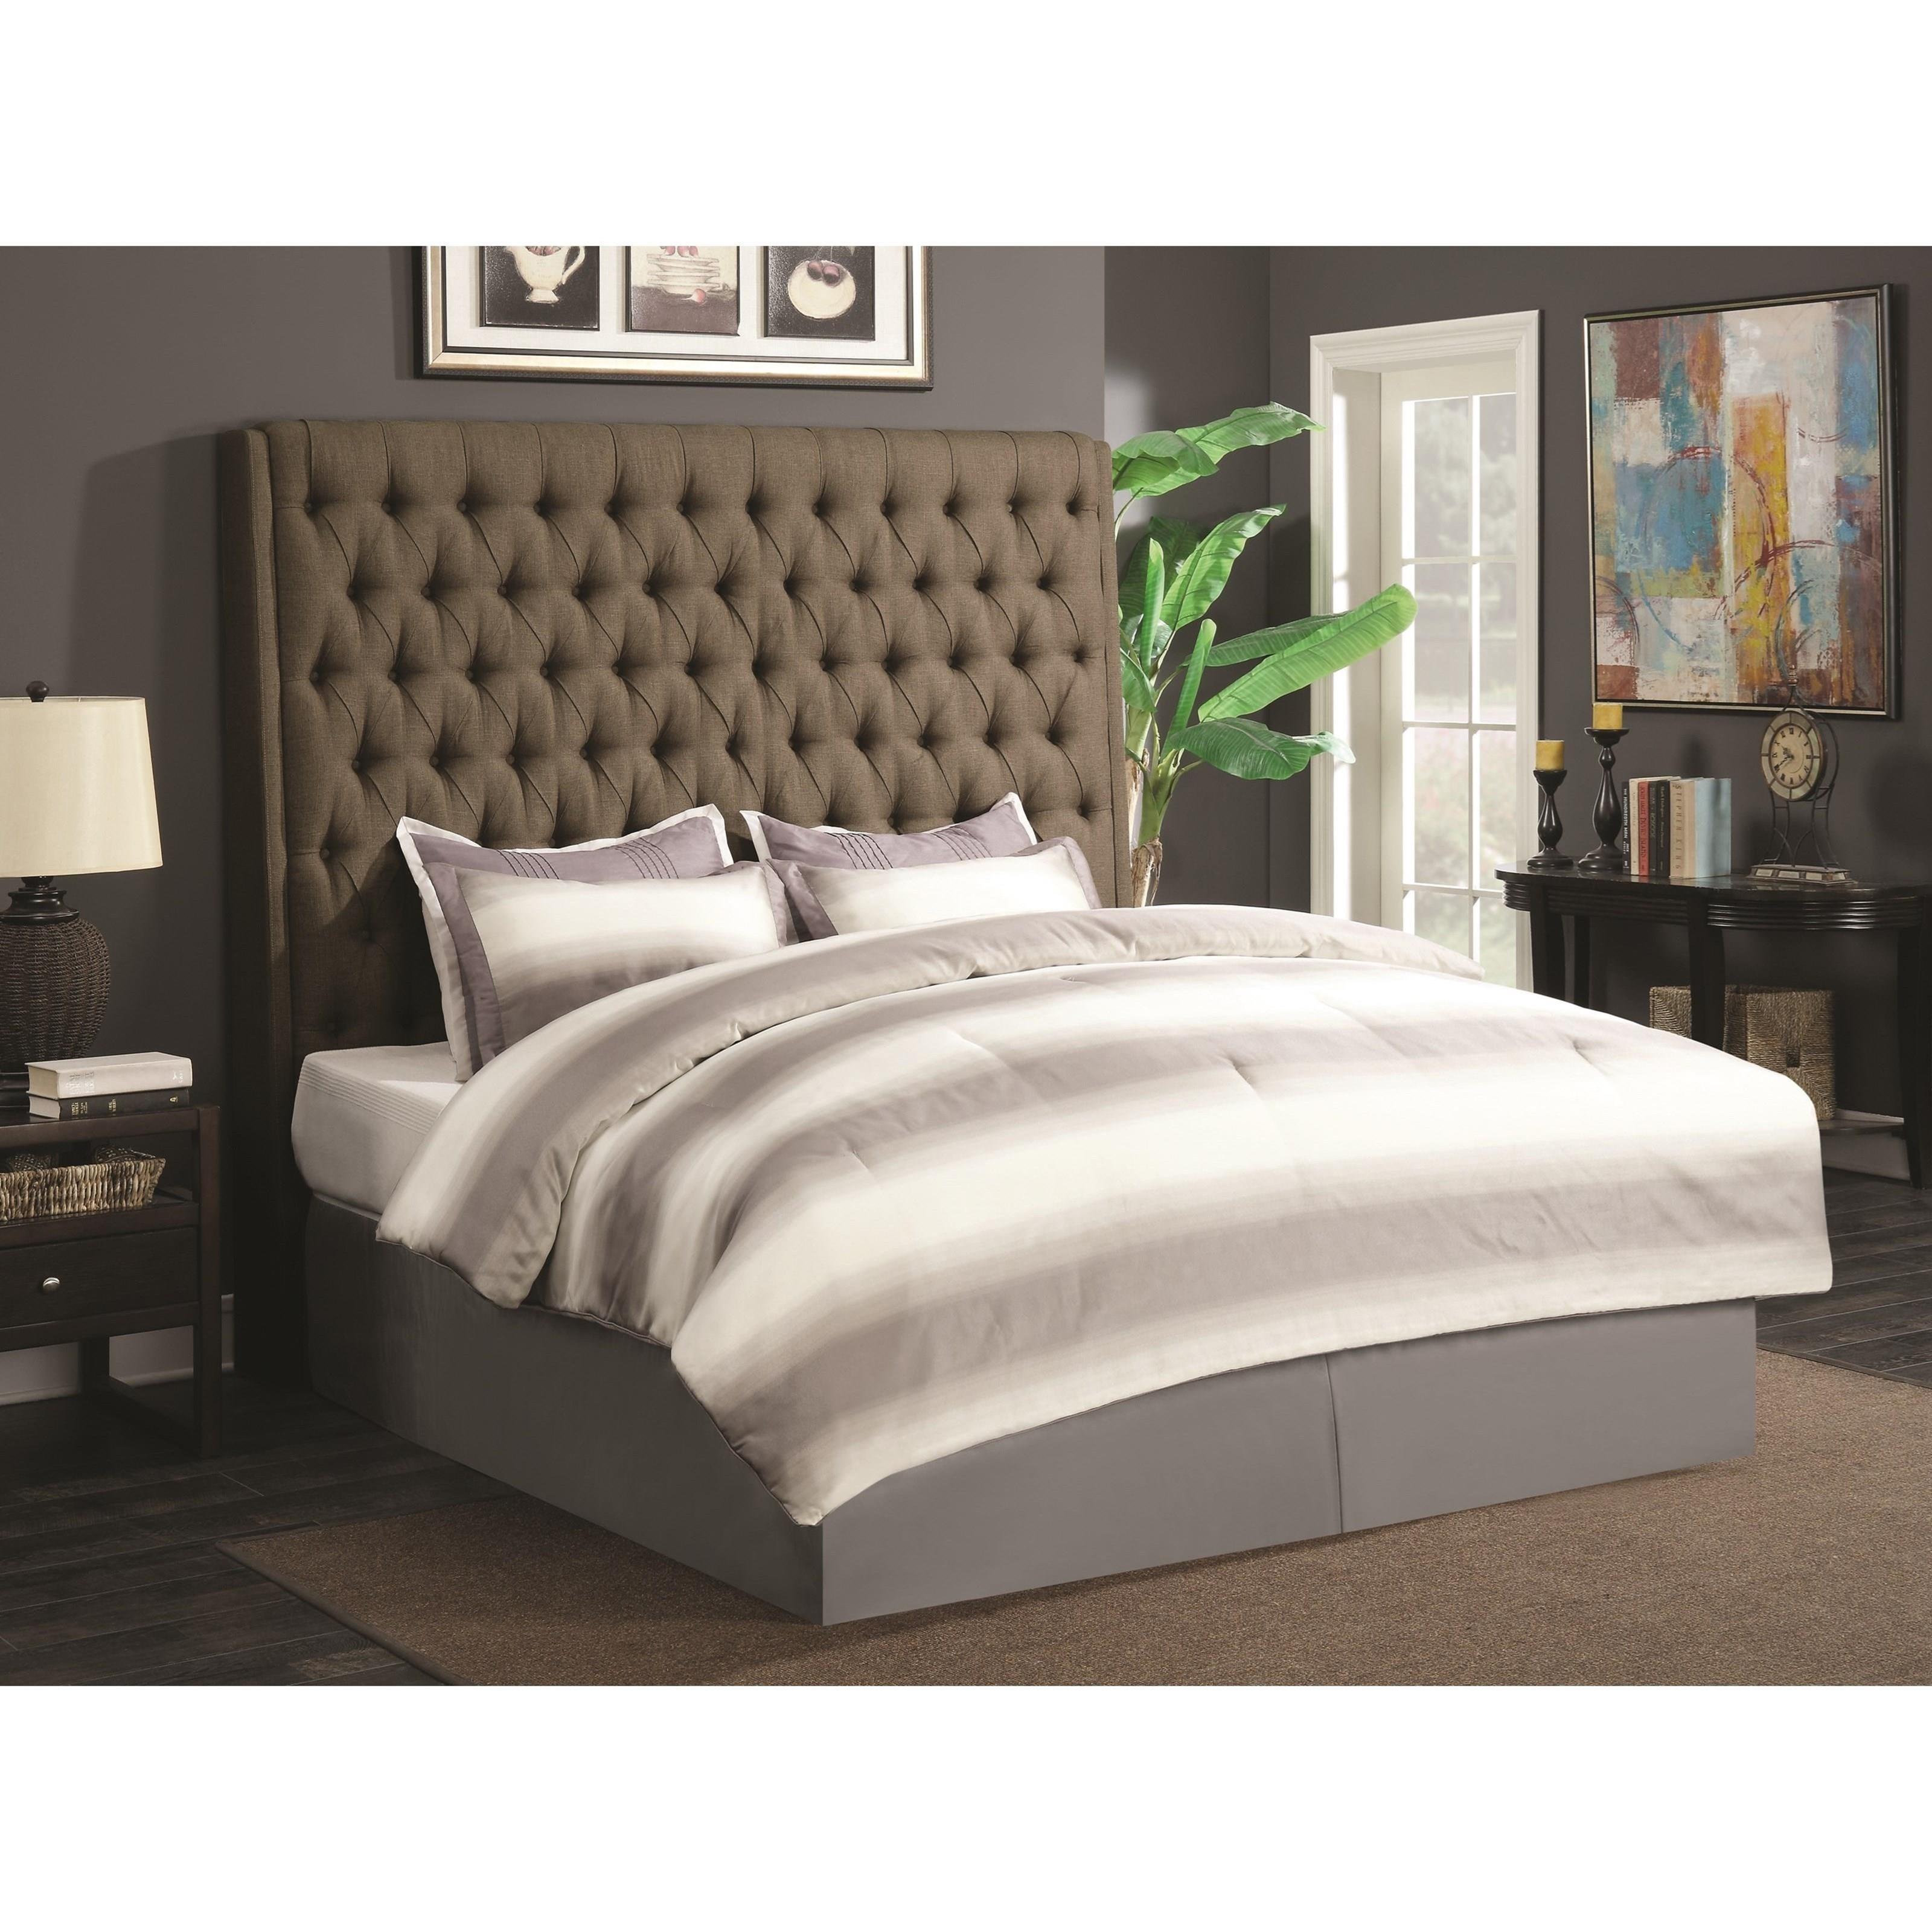 Coaster Upholstered Beds King Headboard - Item Number: 300721KEB1